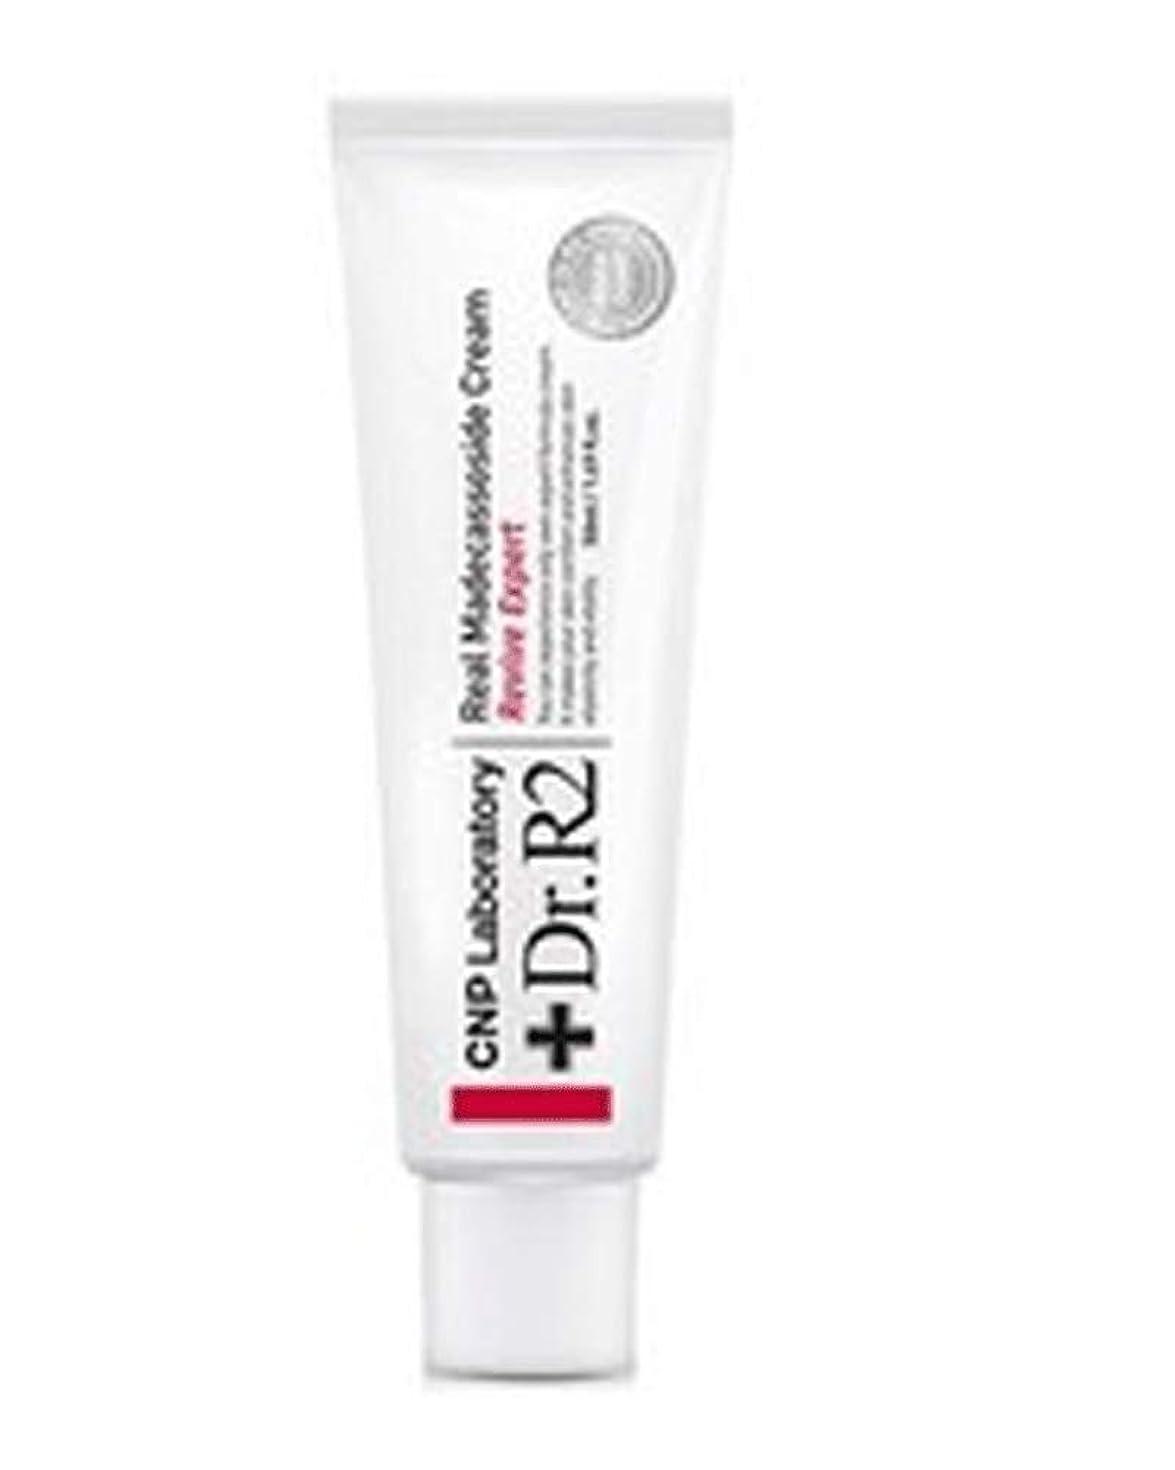 こっそりテクトニック夢CNP Laboratory Dr.R2レアルマデカソシドクリームリバイブエキスパート / Dr.R2 Real Madecassoside Cream Revive Expert 15ml [並行輸入品]